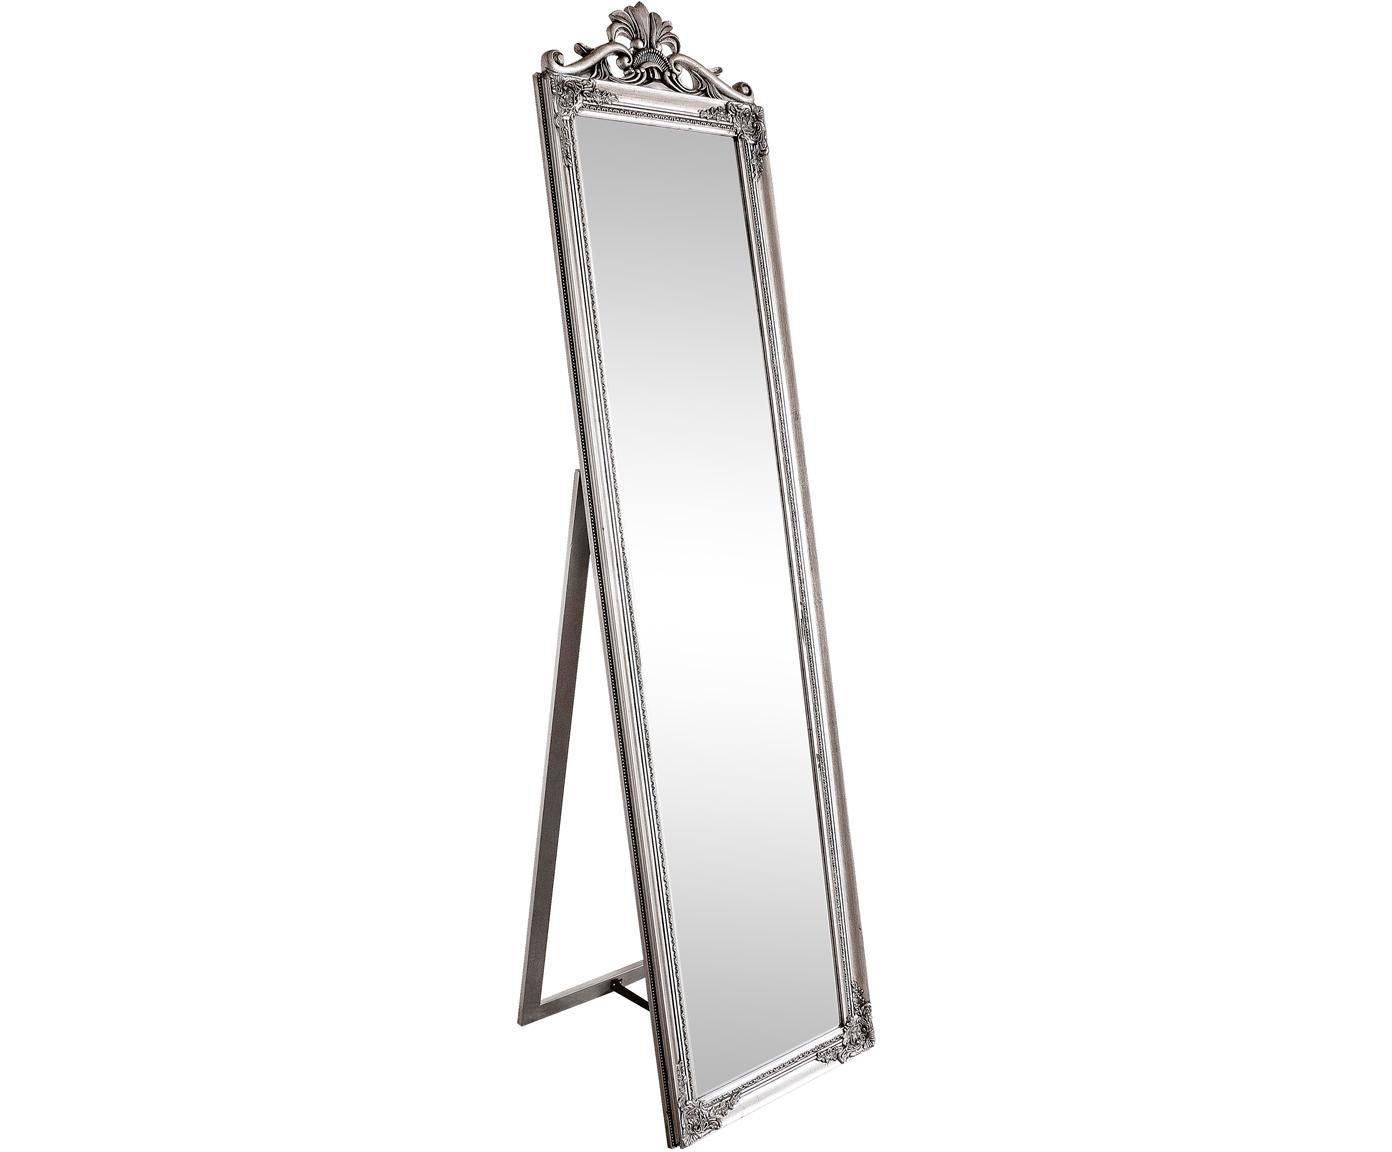 Standspiegel Miro mit silbernem Holzrahmen, Rahmen: Holz, beschichtet, Spiegelfläche: Spiegelglas, Silberfarben, 45 x 180 cm